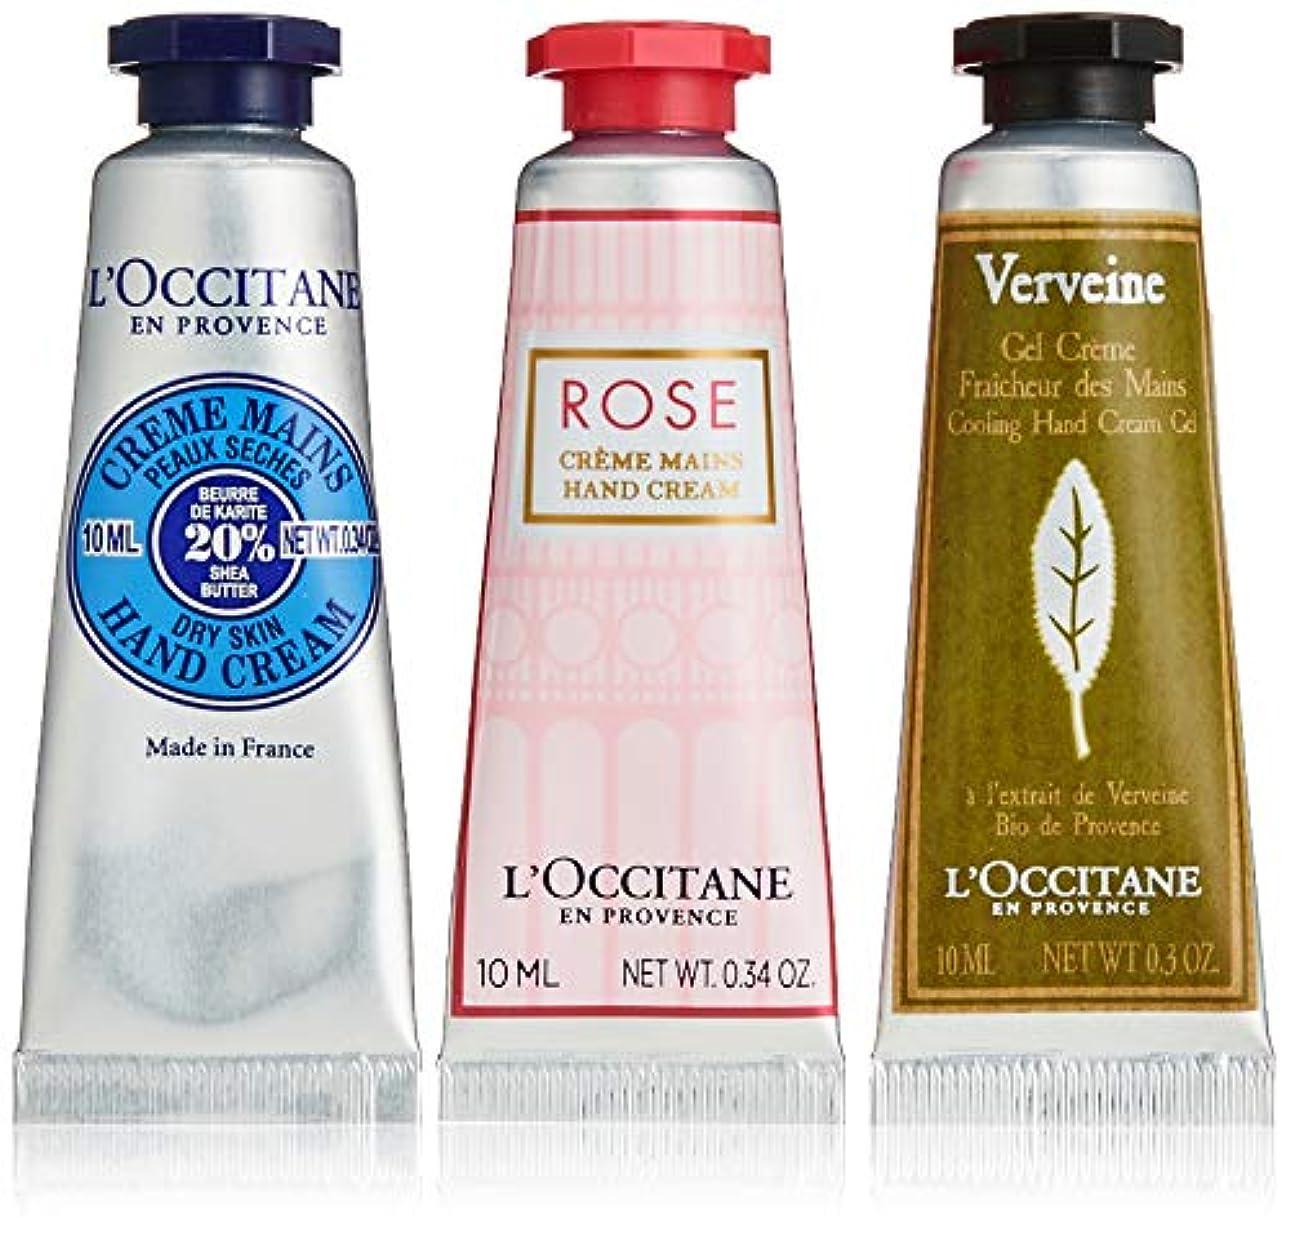 【Amazon.co.jp 限定】ロクシタン(L'OCCITANE) ミニハンドクリーム トリオ(シアハンドクリーム10ml、ハンドクリームローズ10ml、ヴァーベナアイスハンドクリーム10ml)